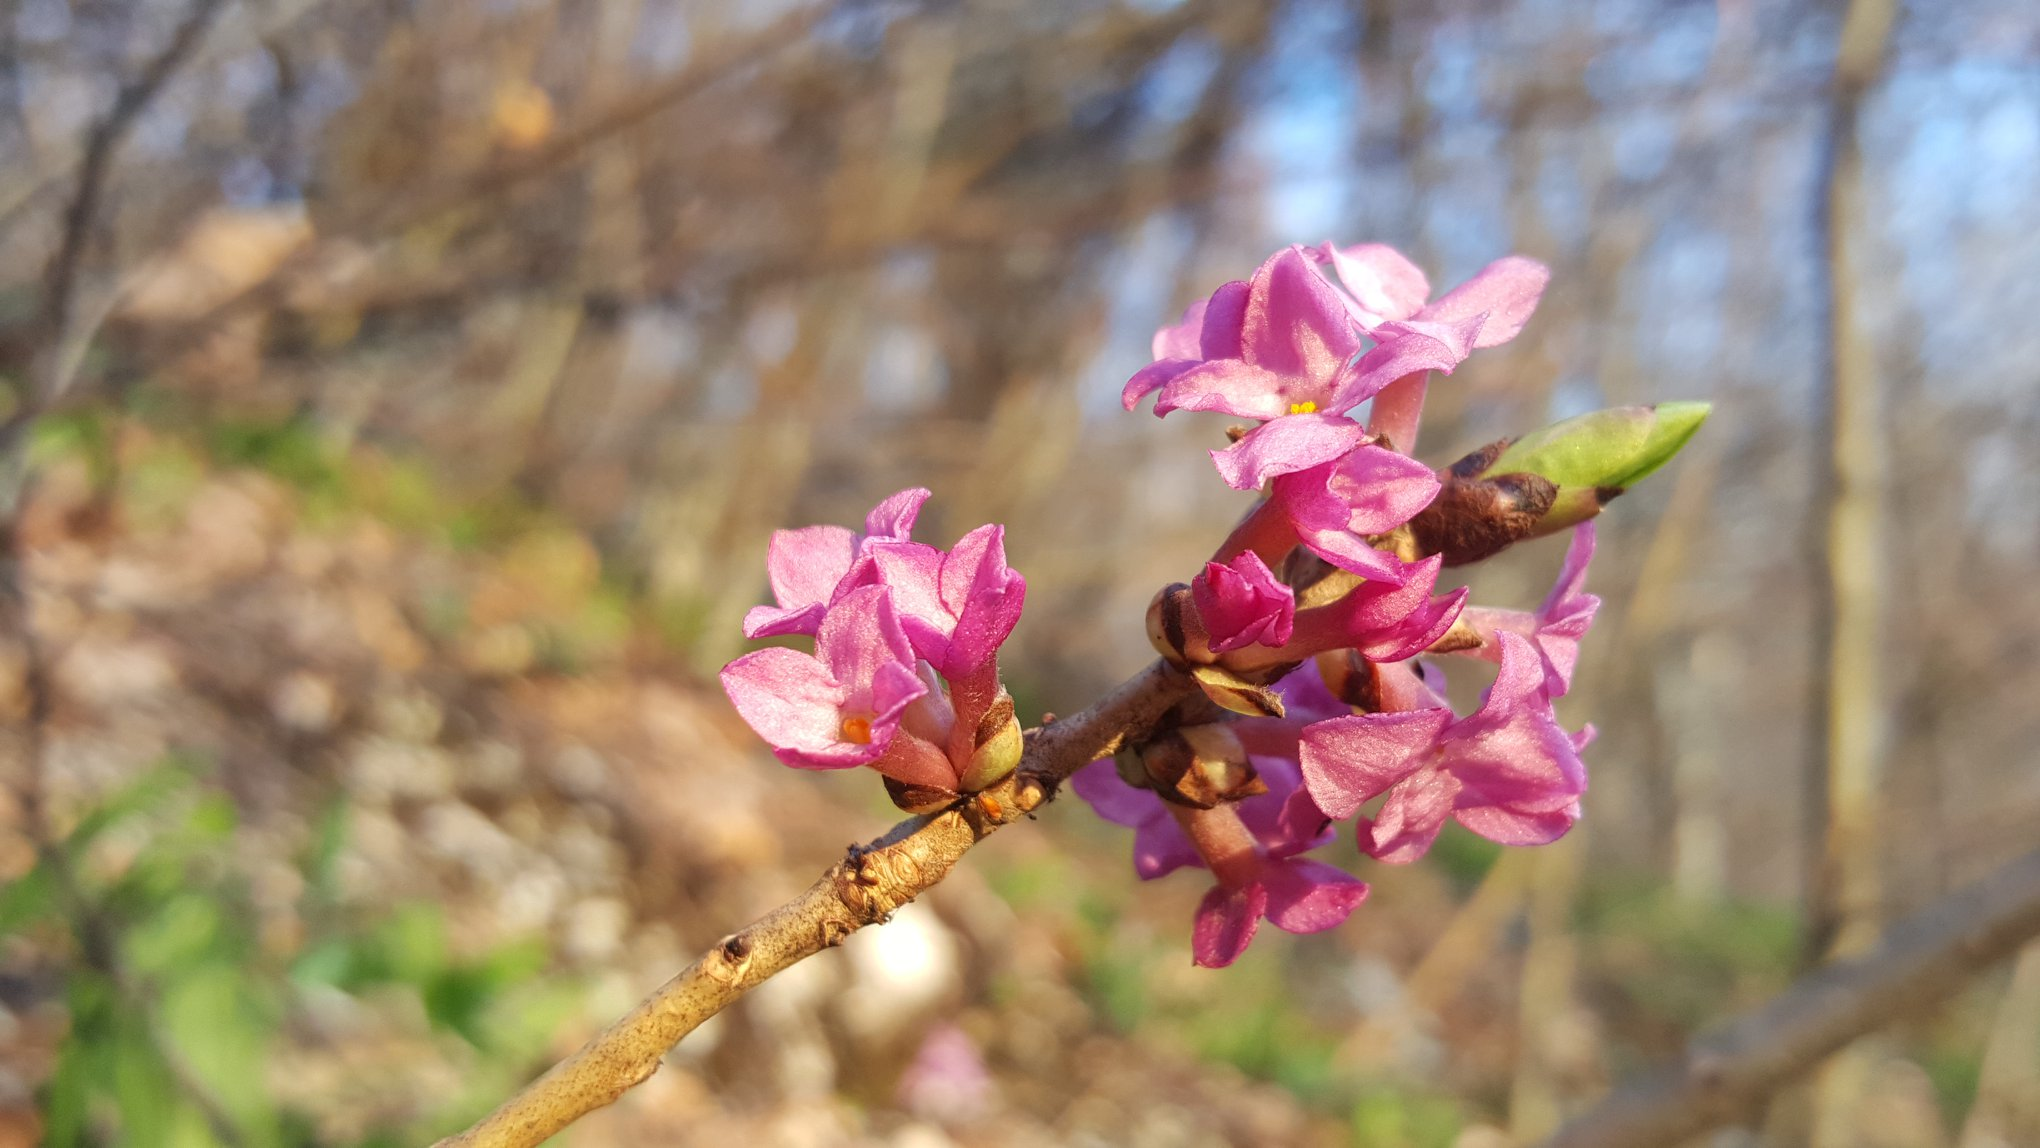 Daphne mezereum cunoscut popular ca liliacul sălbatic tulichina seamănă cu liliacul pe care îl avem plantat în grădină, dar acesta este toxic